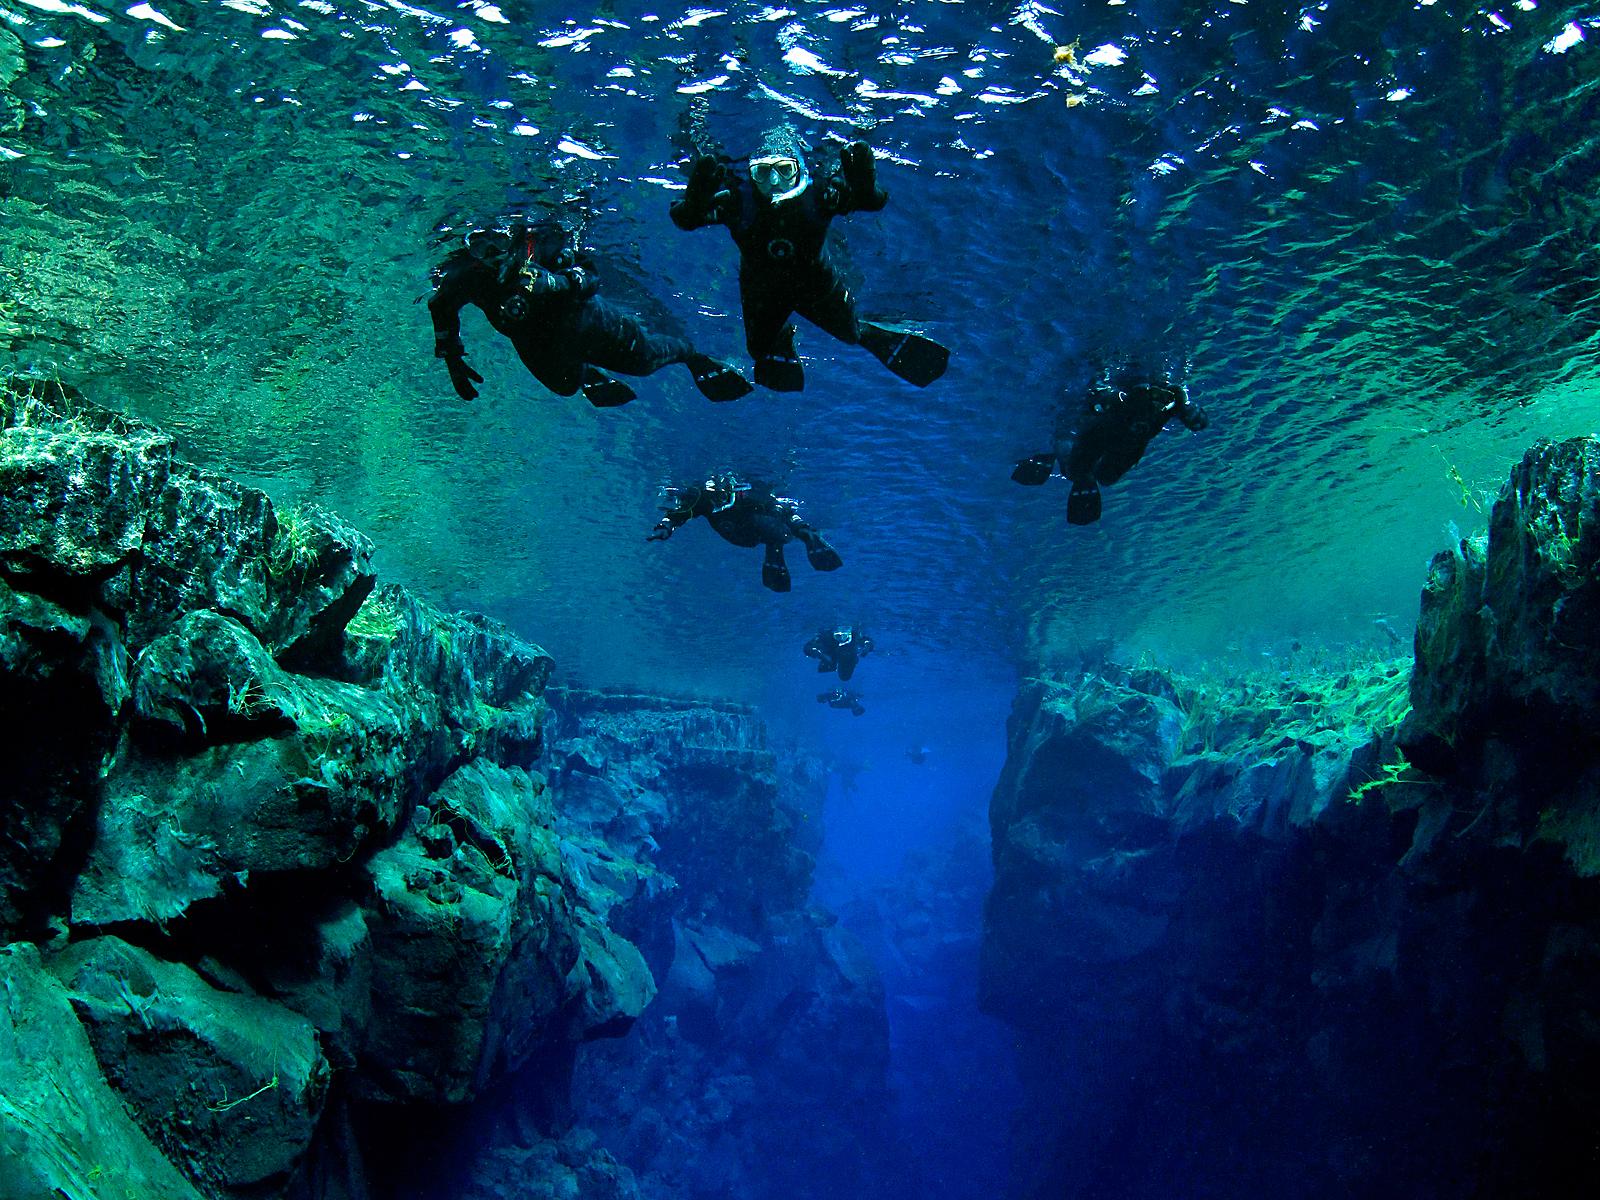 青い世界が広がるシルフラの泉